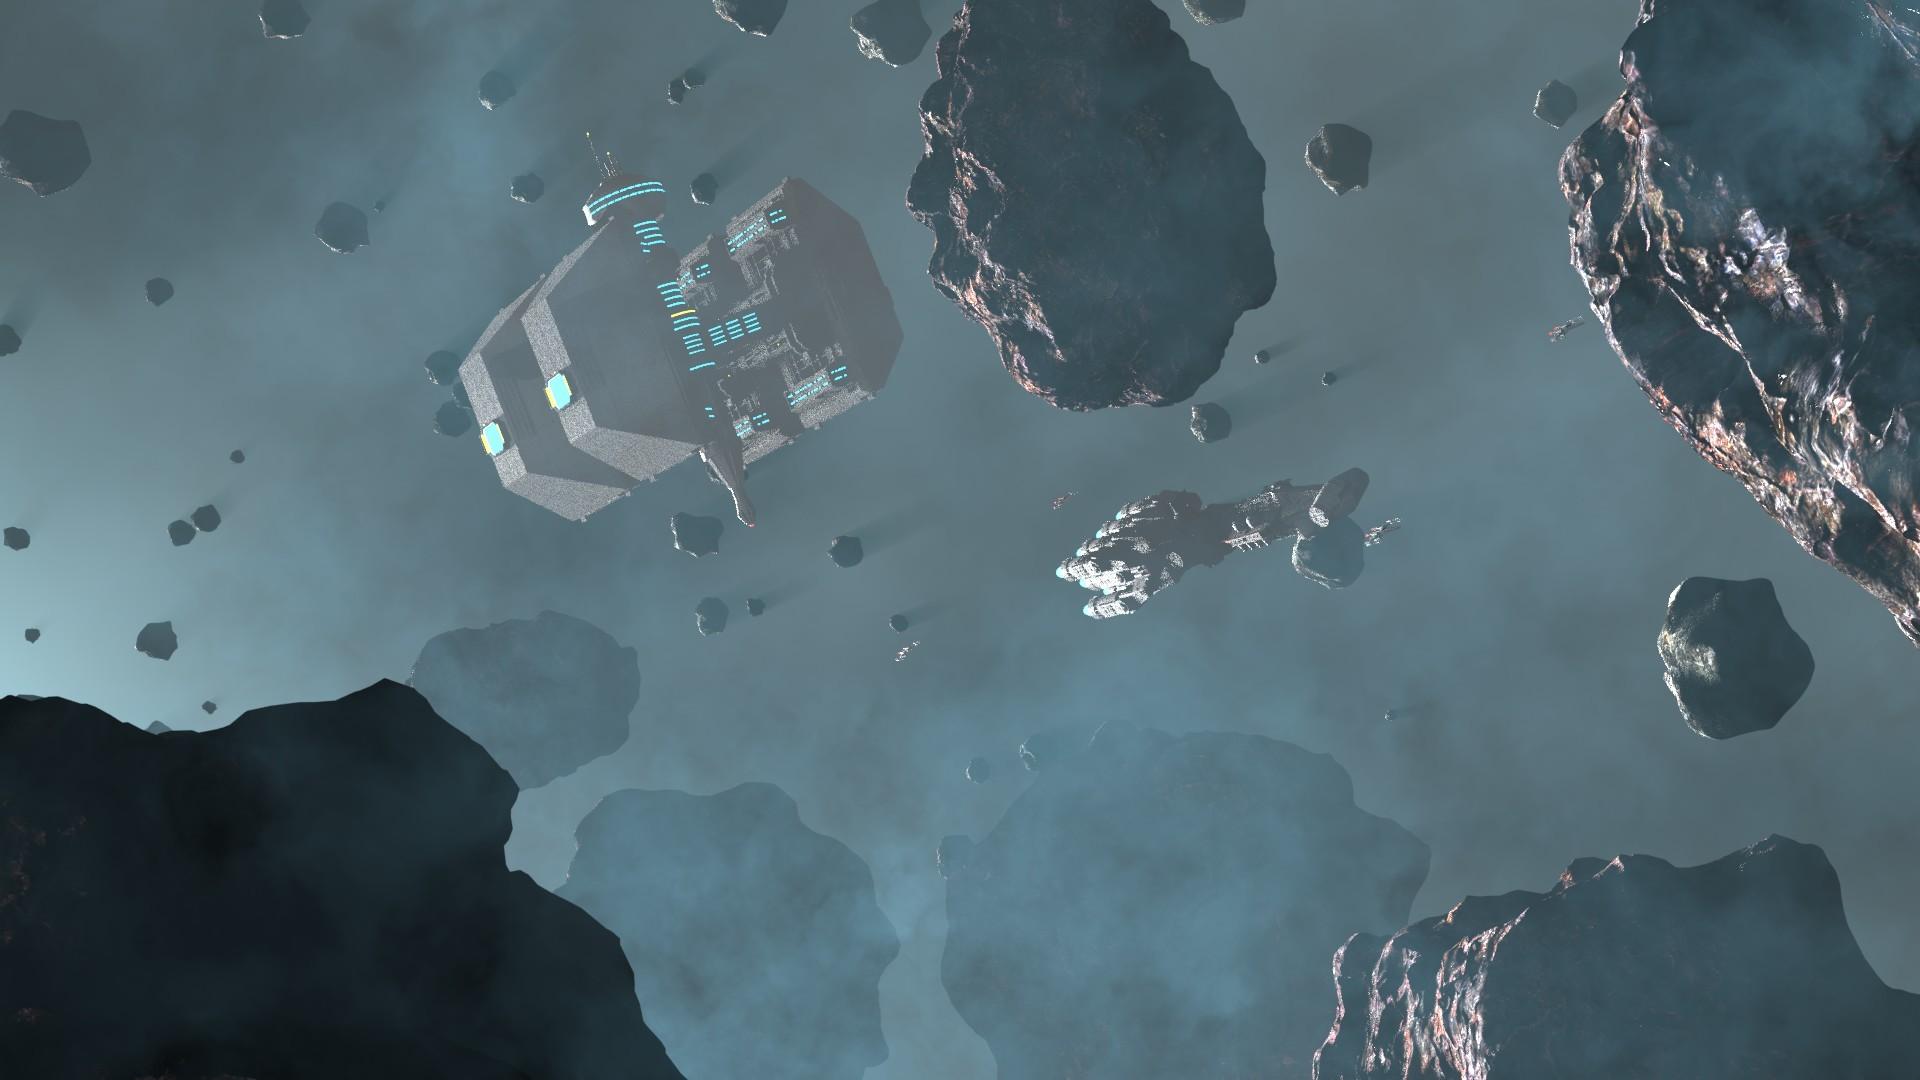 daniel-andersson-deepspacebase2.jpg?1520